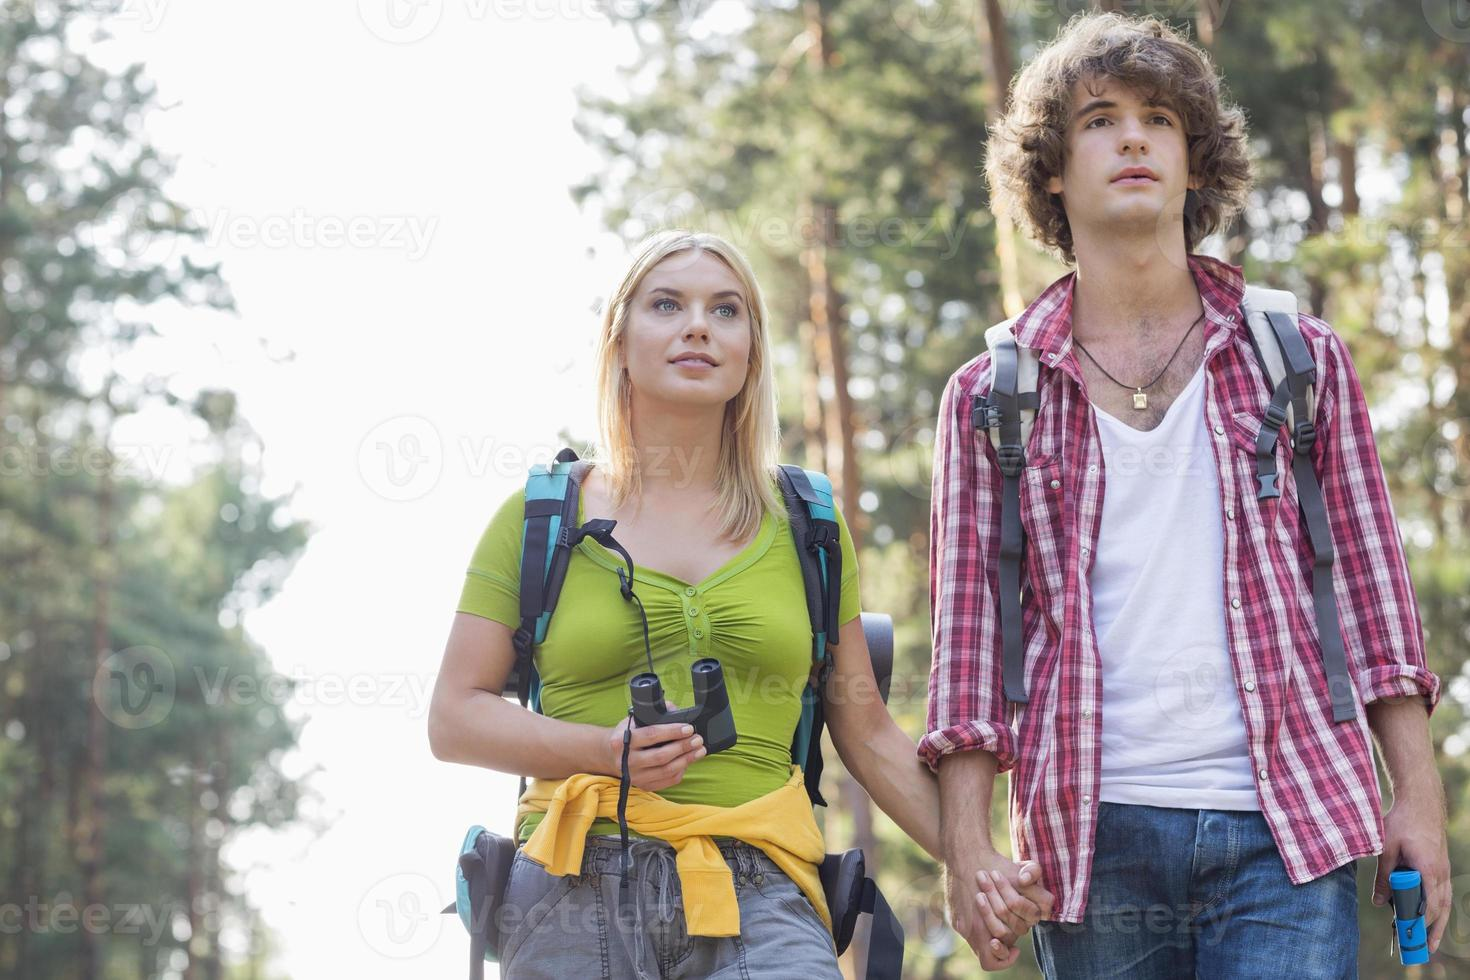 giovane coppia guardando lontano durante un'escursione nella foresta foto